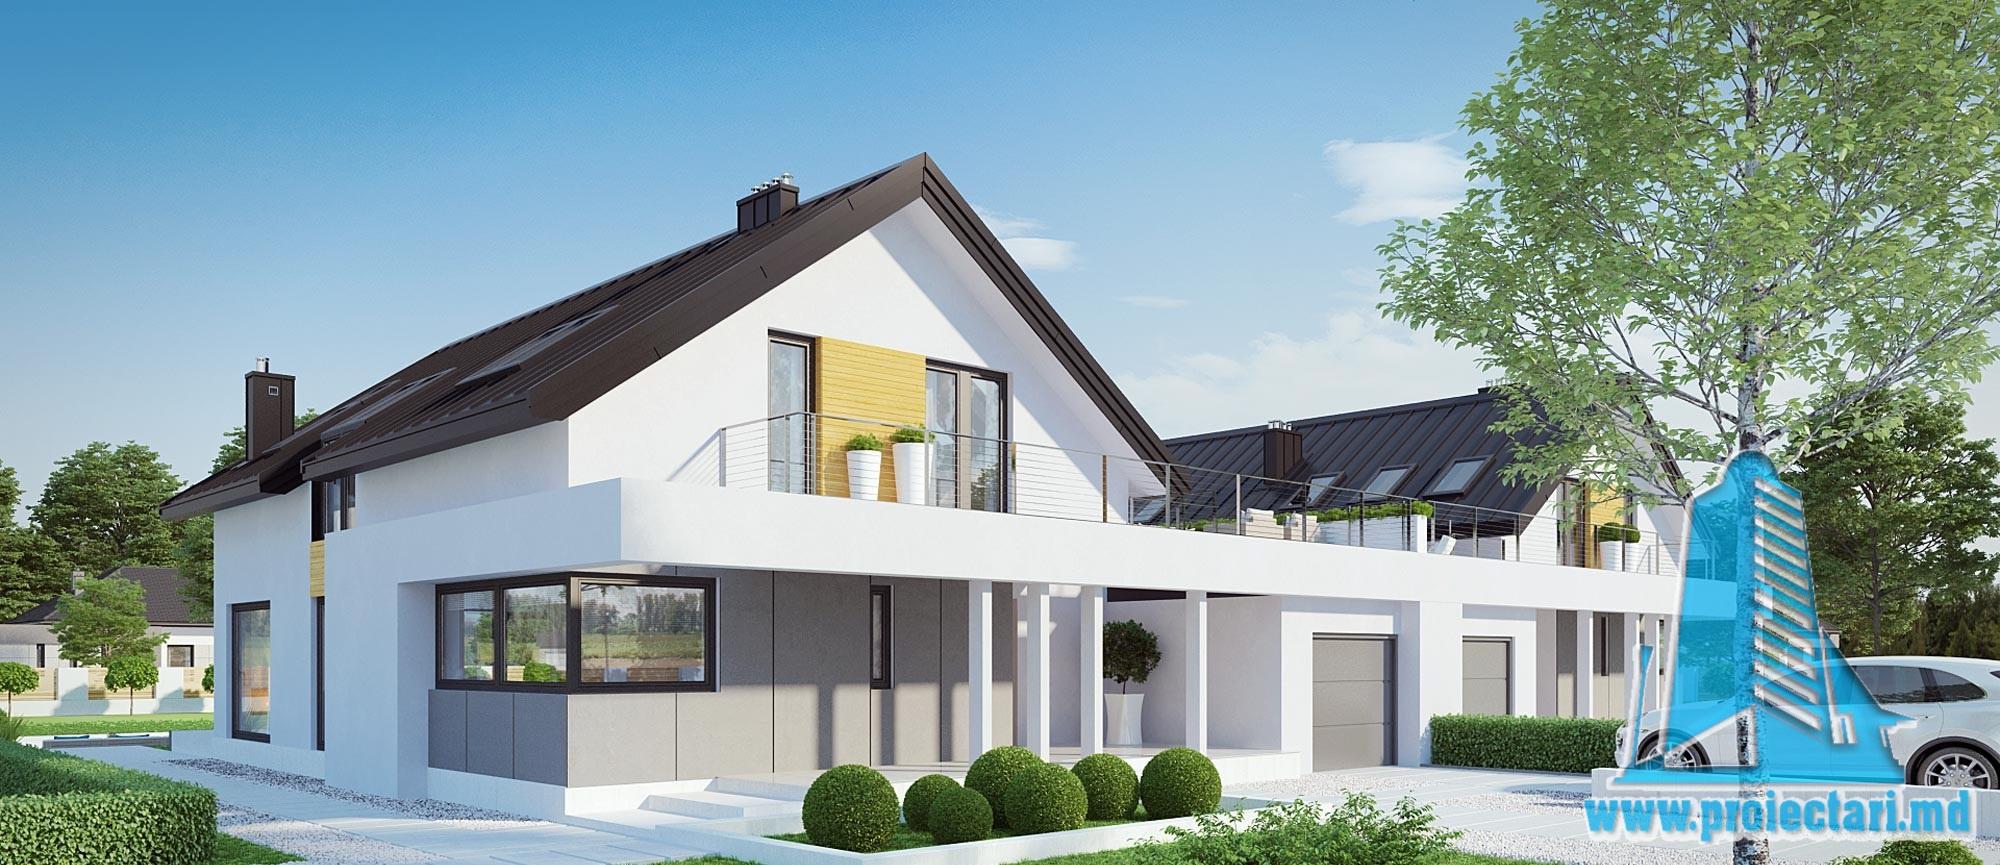 Casa duplex cu parter, mansarda si garaj pentru un automobil-285-101058